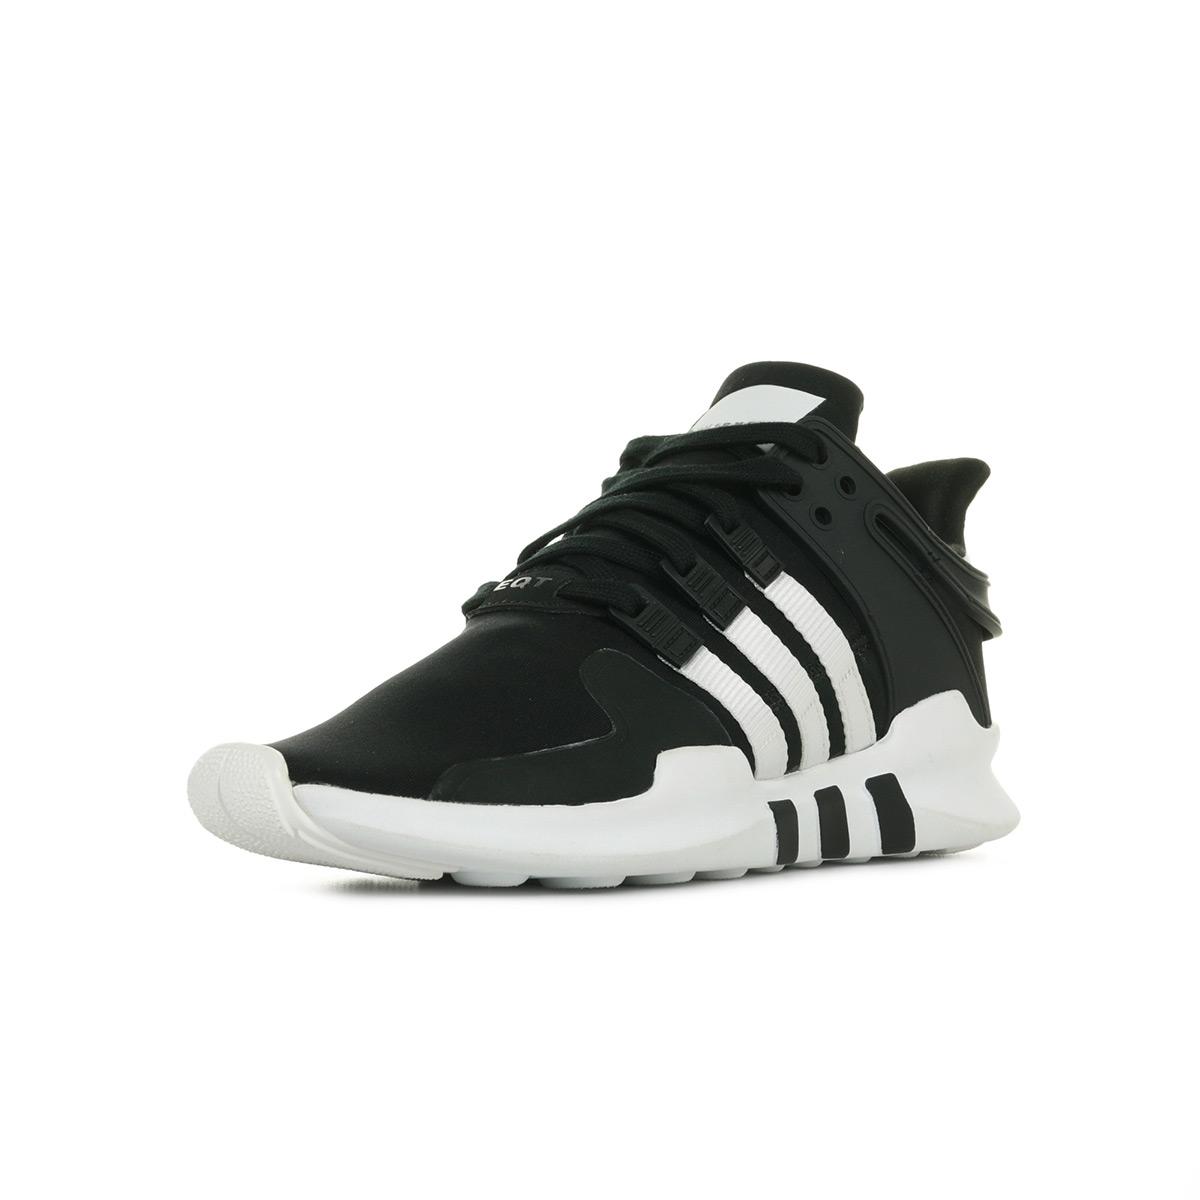 Détails sur Chaussures Baskets adidas homme EQT Support Adv taille Noir Noire Textile Lacets